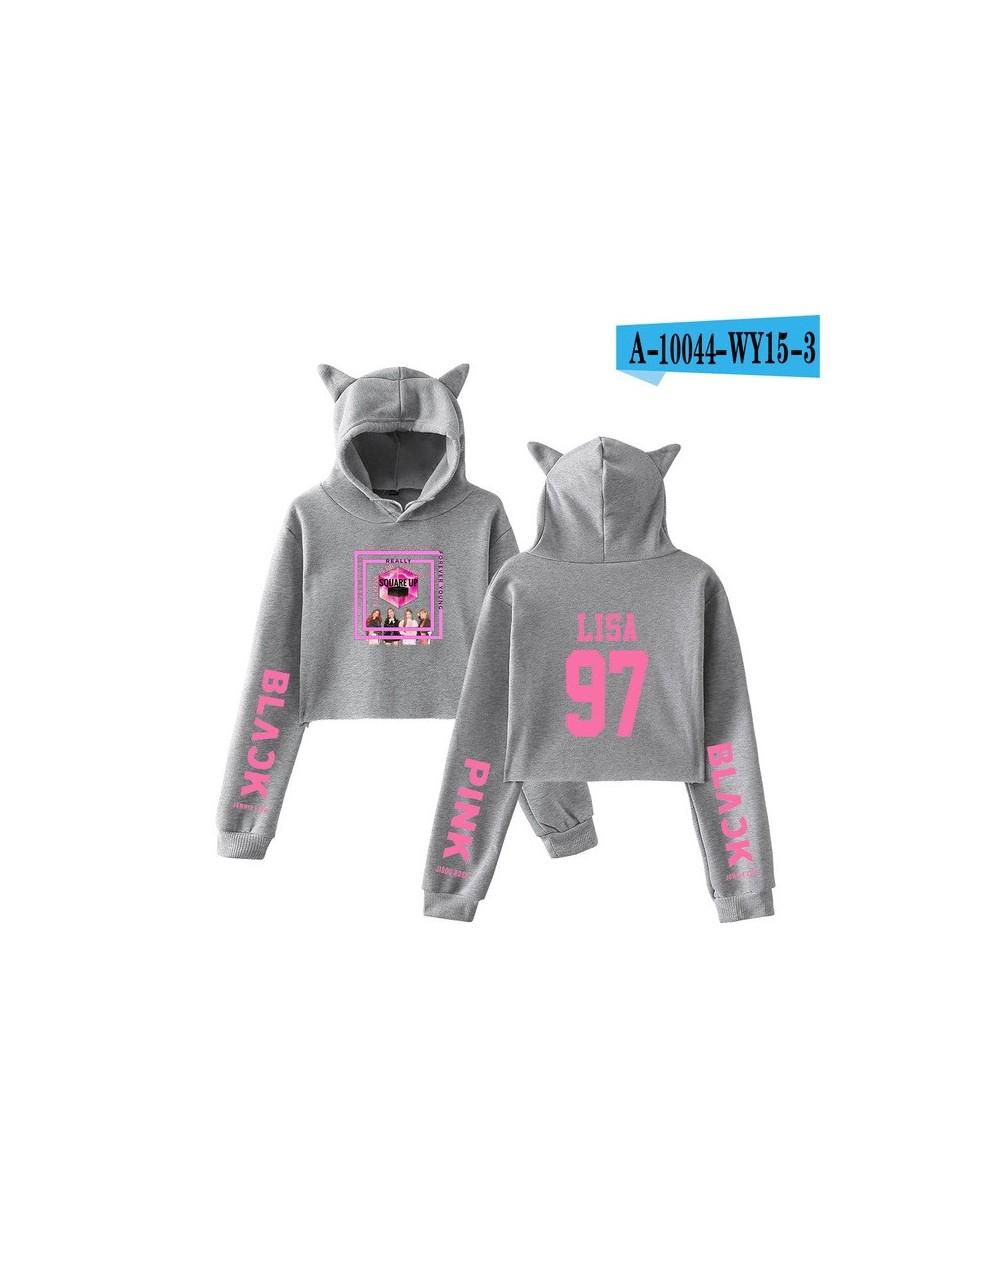 2018 Blackpink kpop oversized hoodies sweatshirts women Black pink Lisa 97 cotton Crop Top Cat Hoodies clothes Plus Size - g...